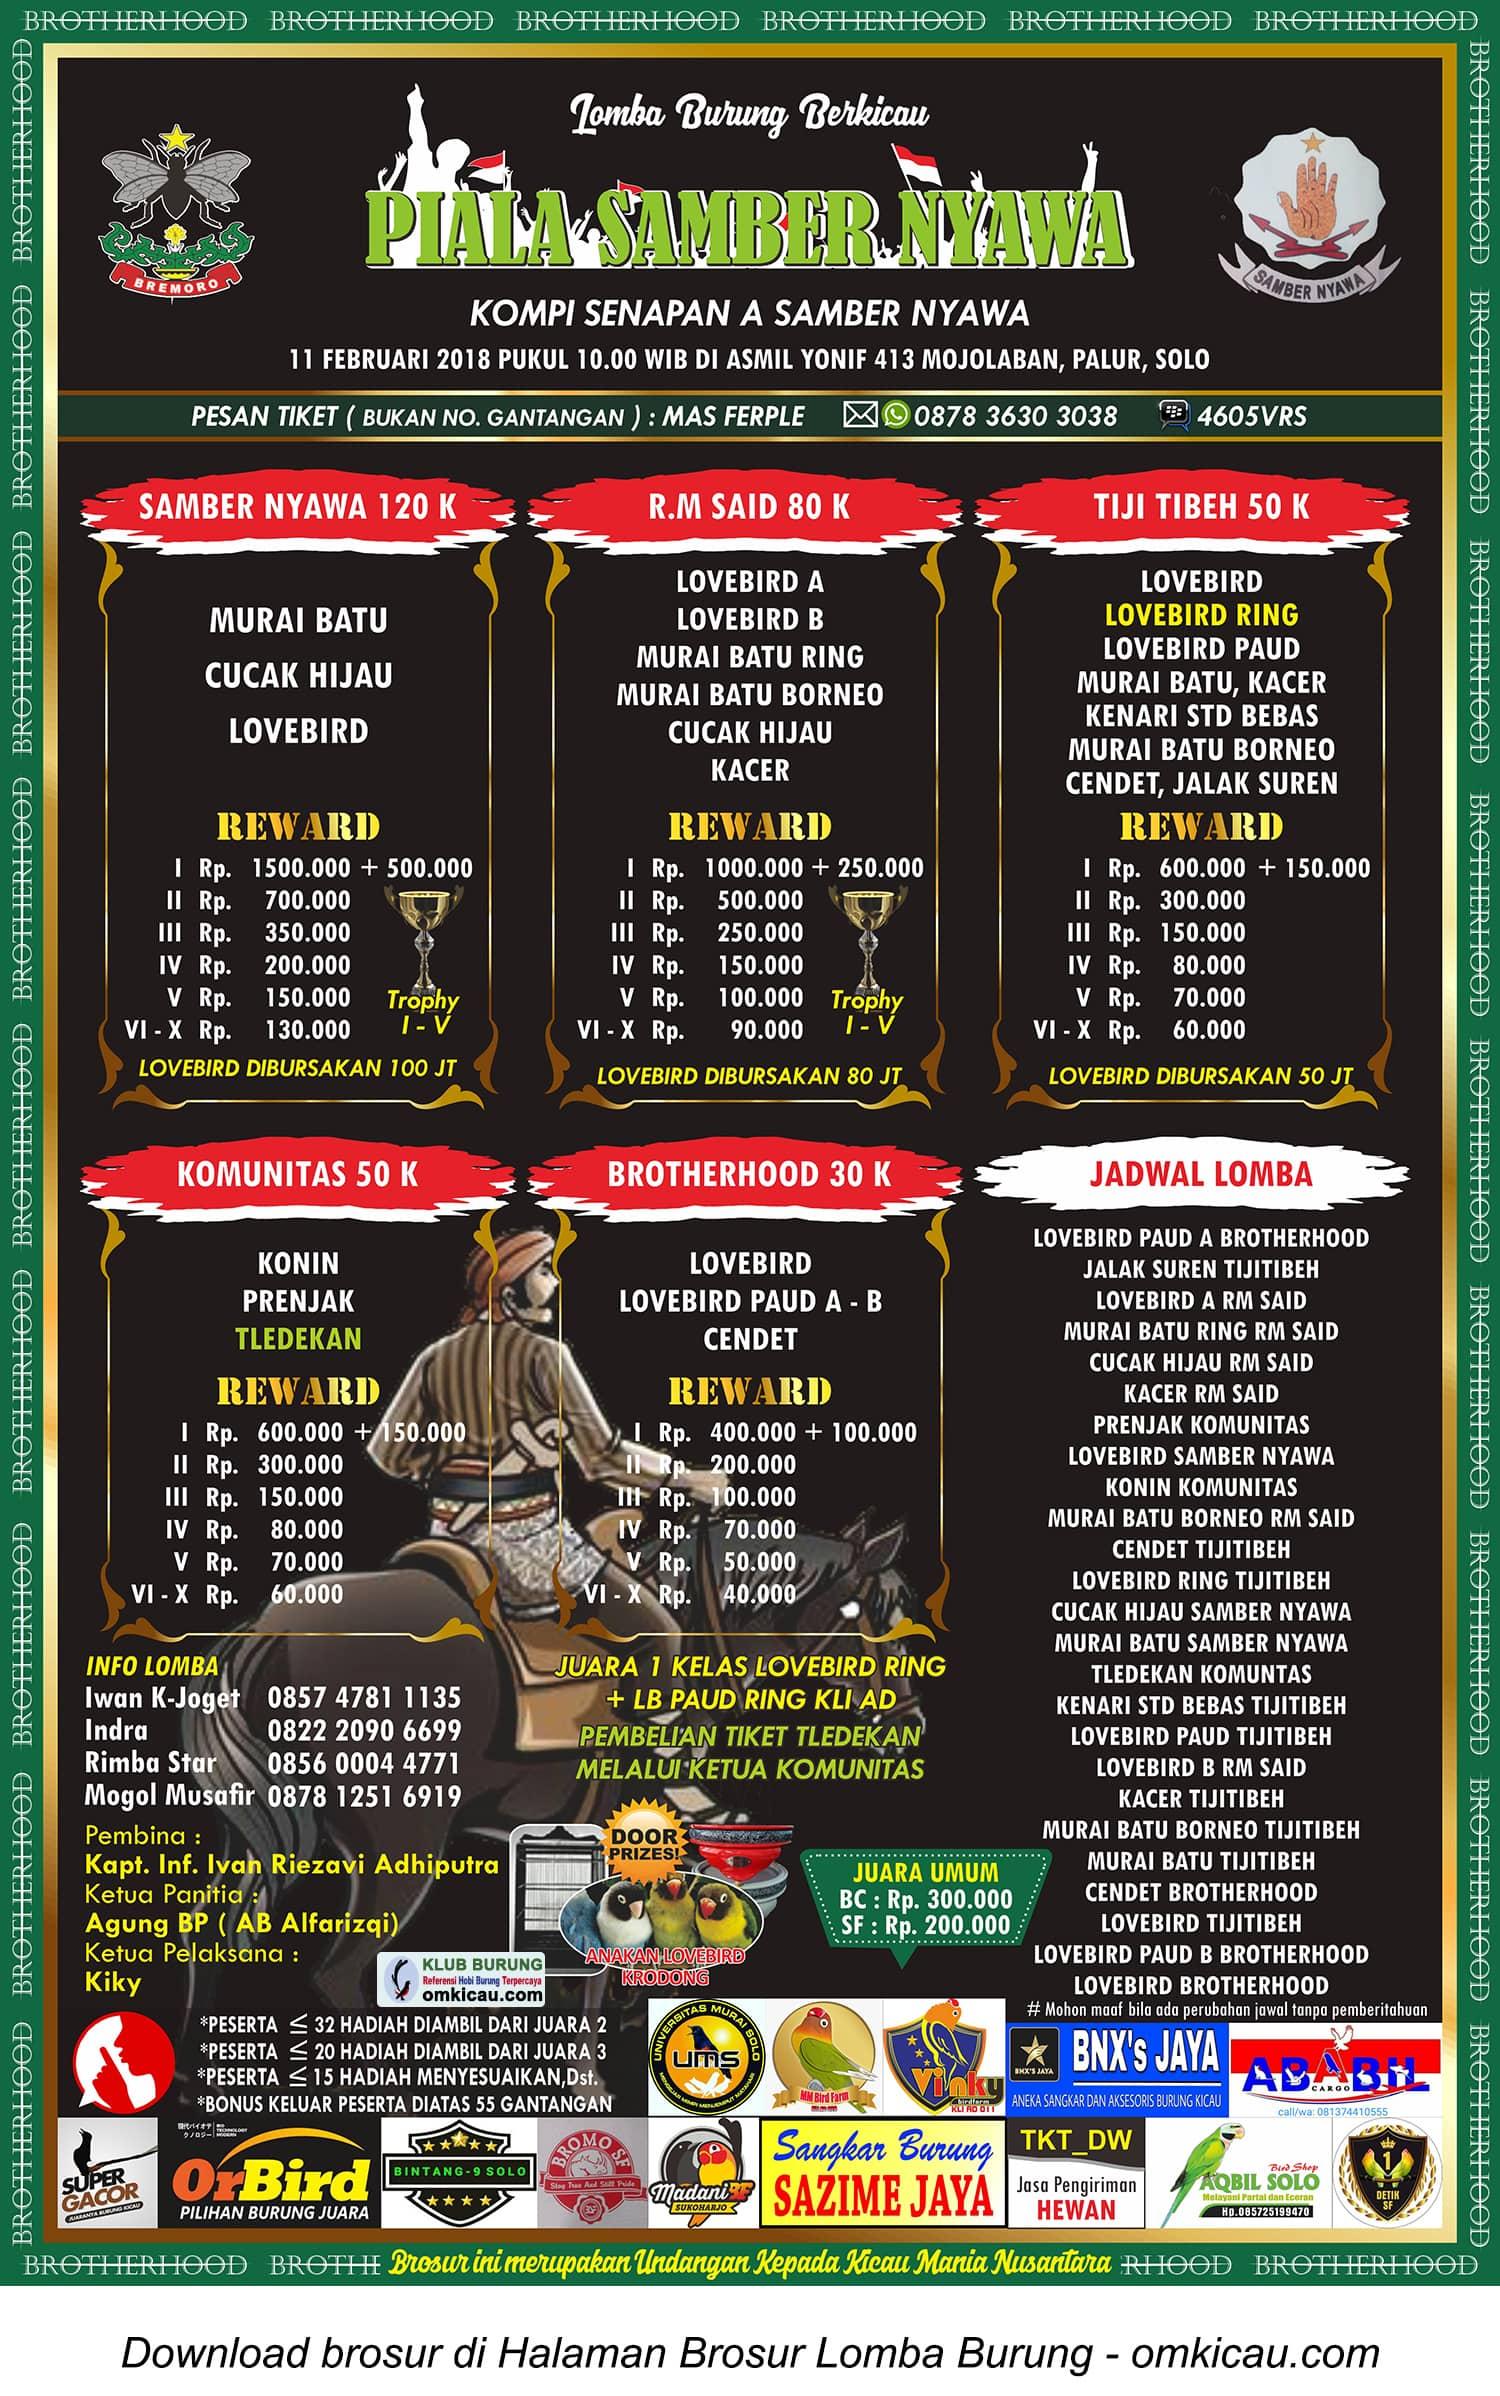 Piala Samber Nyawa